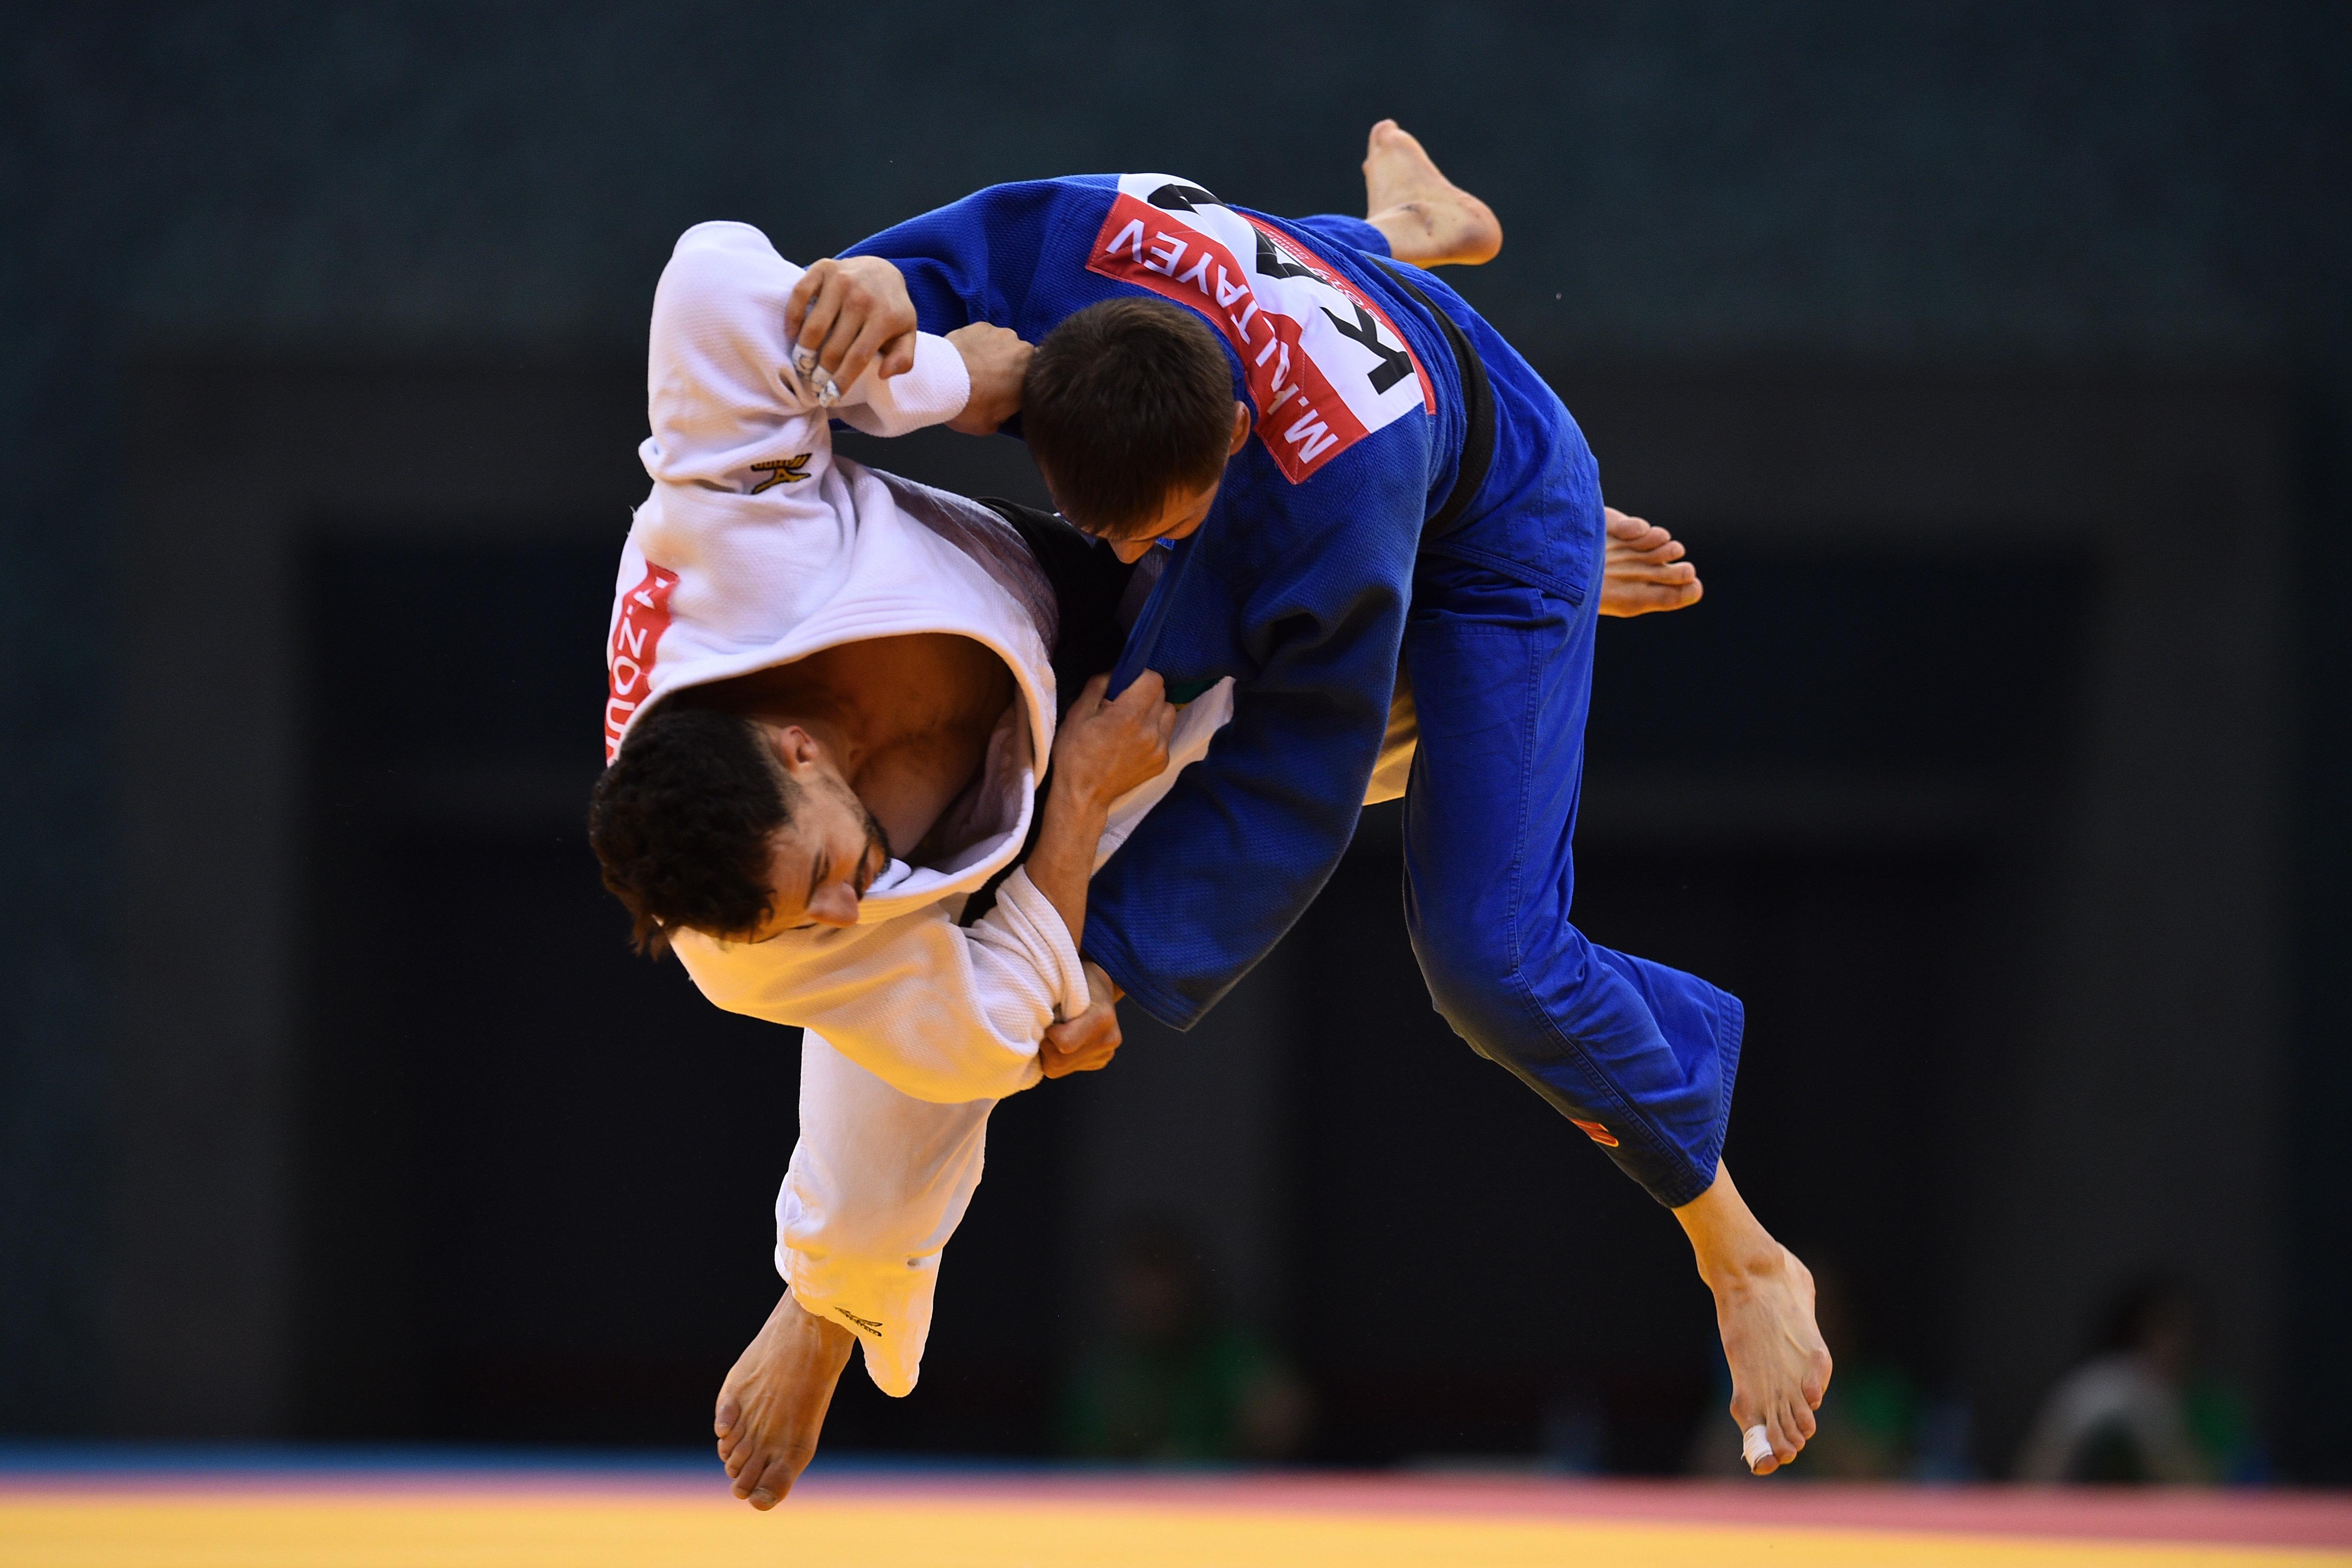 Coupe du monde de judo : l'Algérie absente pour des considérations